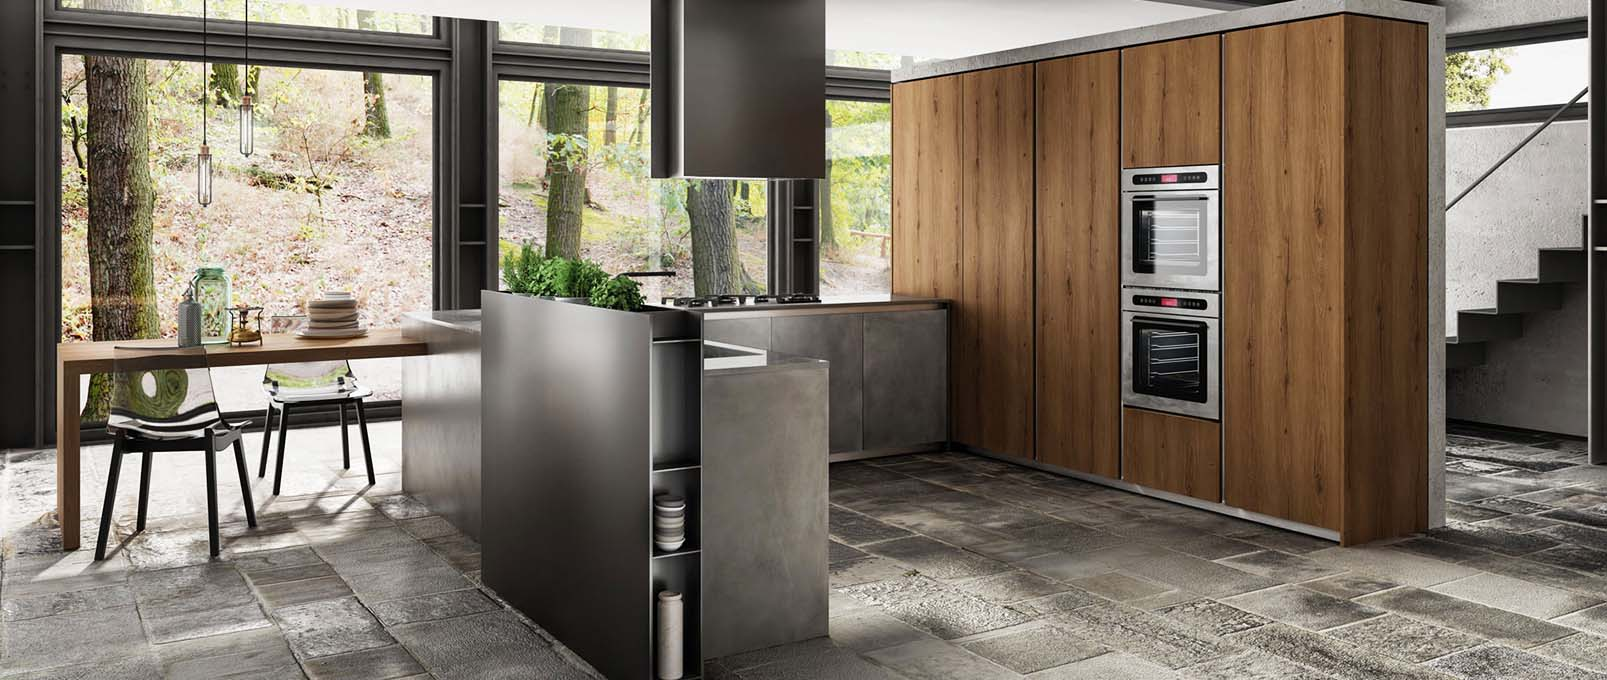 Arredamenti meneghello per l arredo della tua casa arredamenti su misura padova - Cucine arredo 3 ...